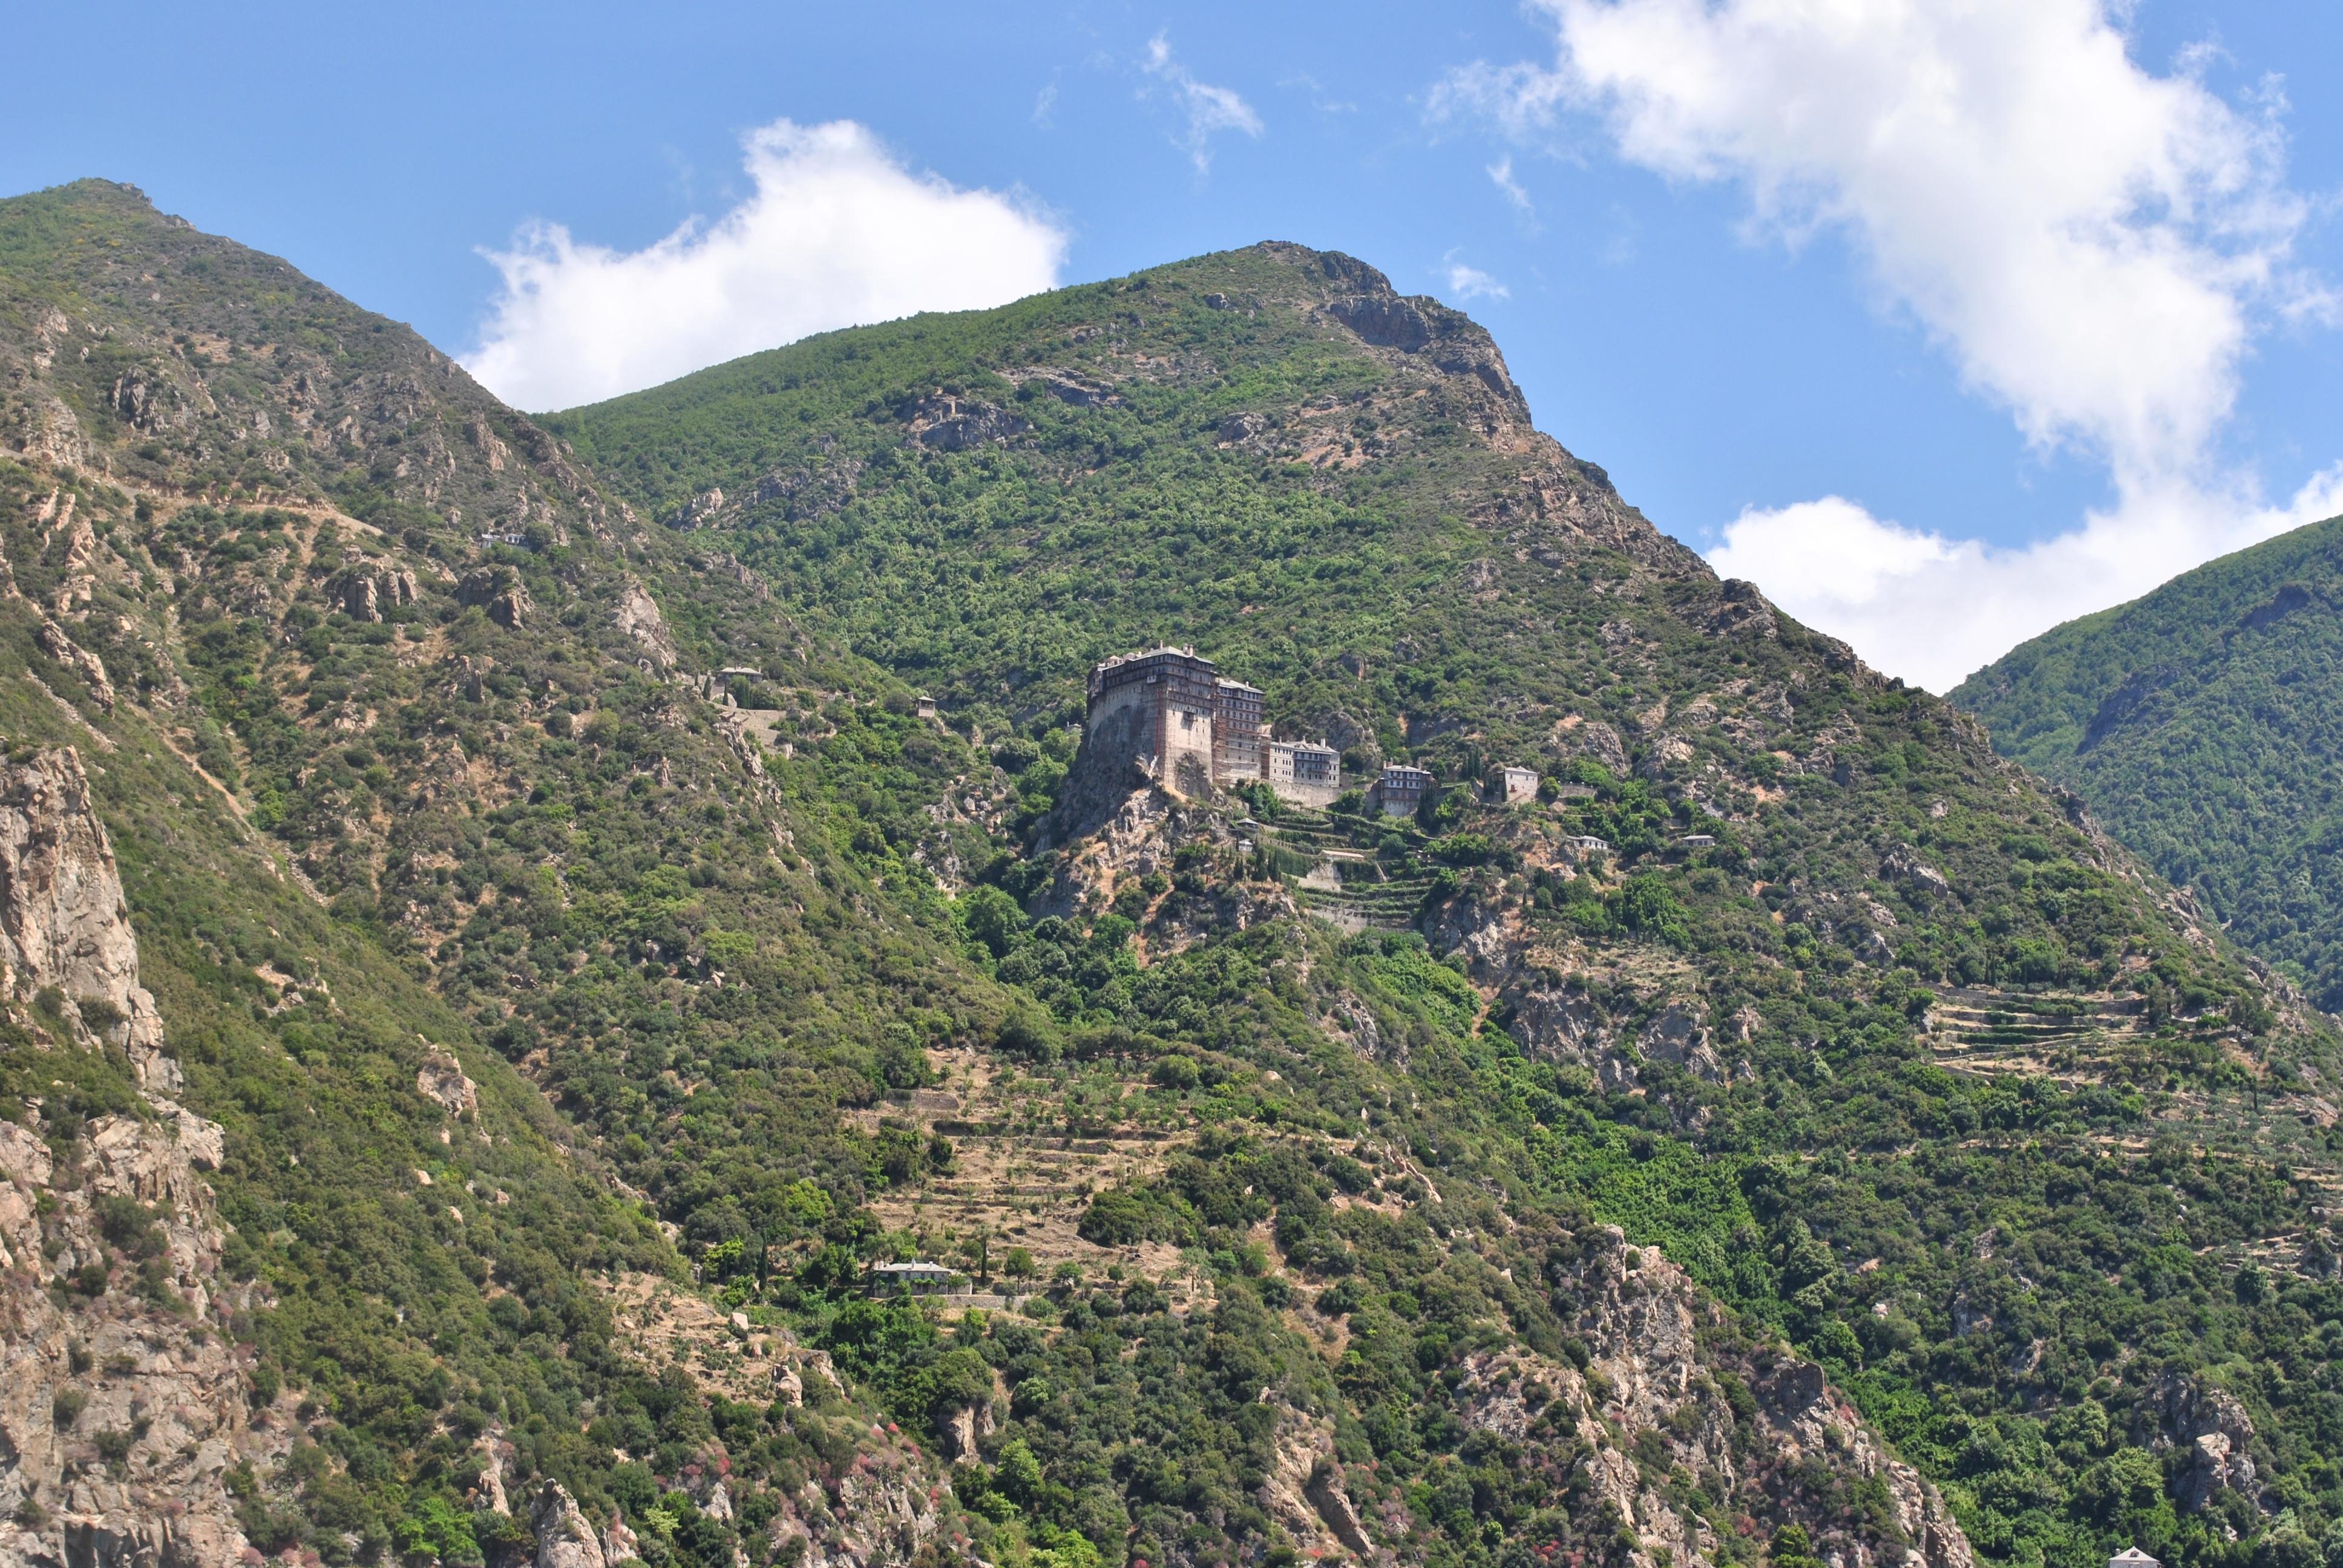 Grecia - Penisola calcidica e Monte Athos